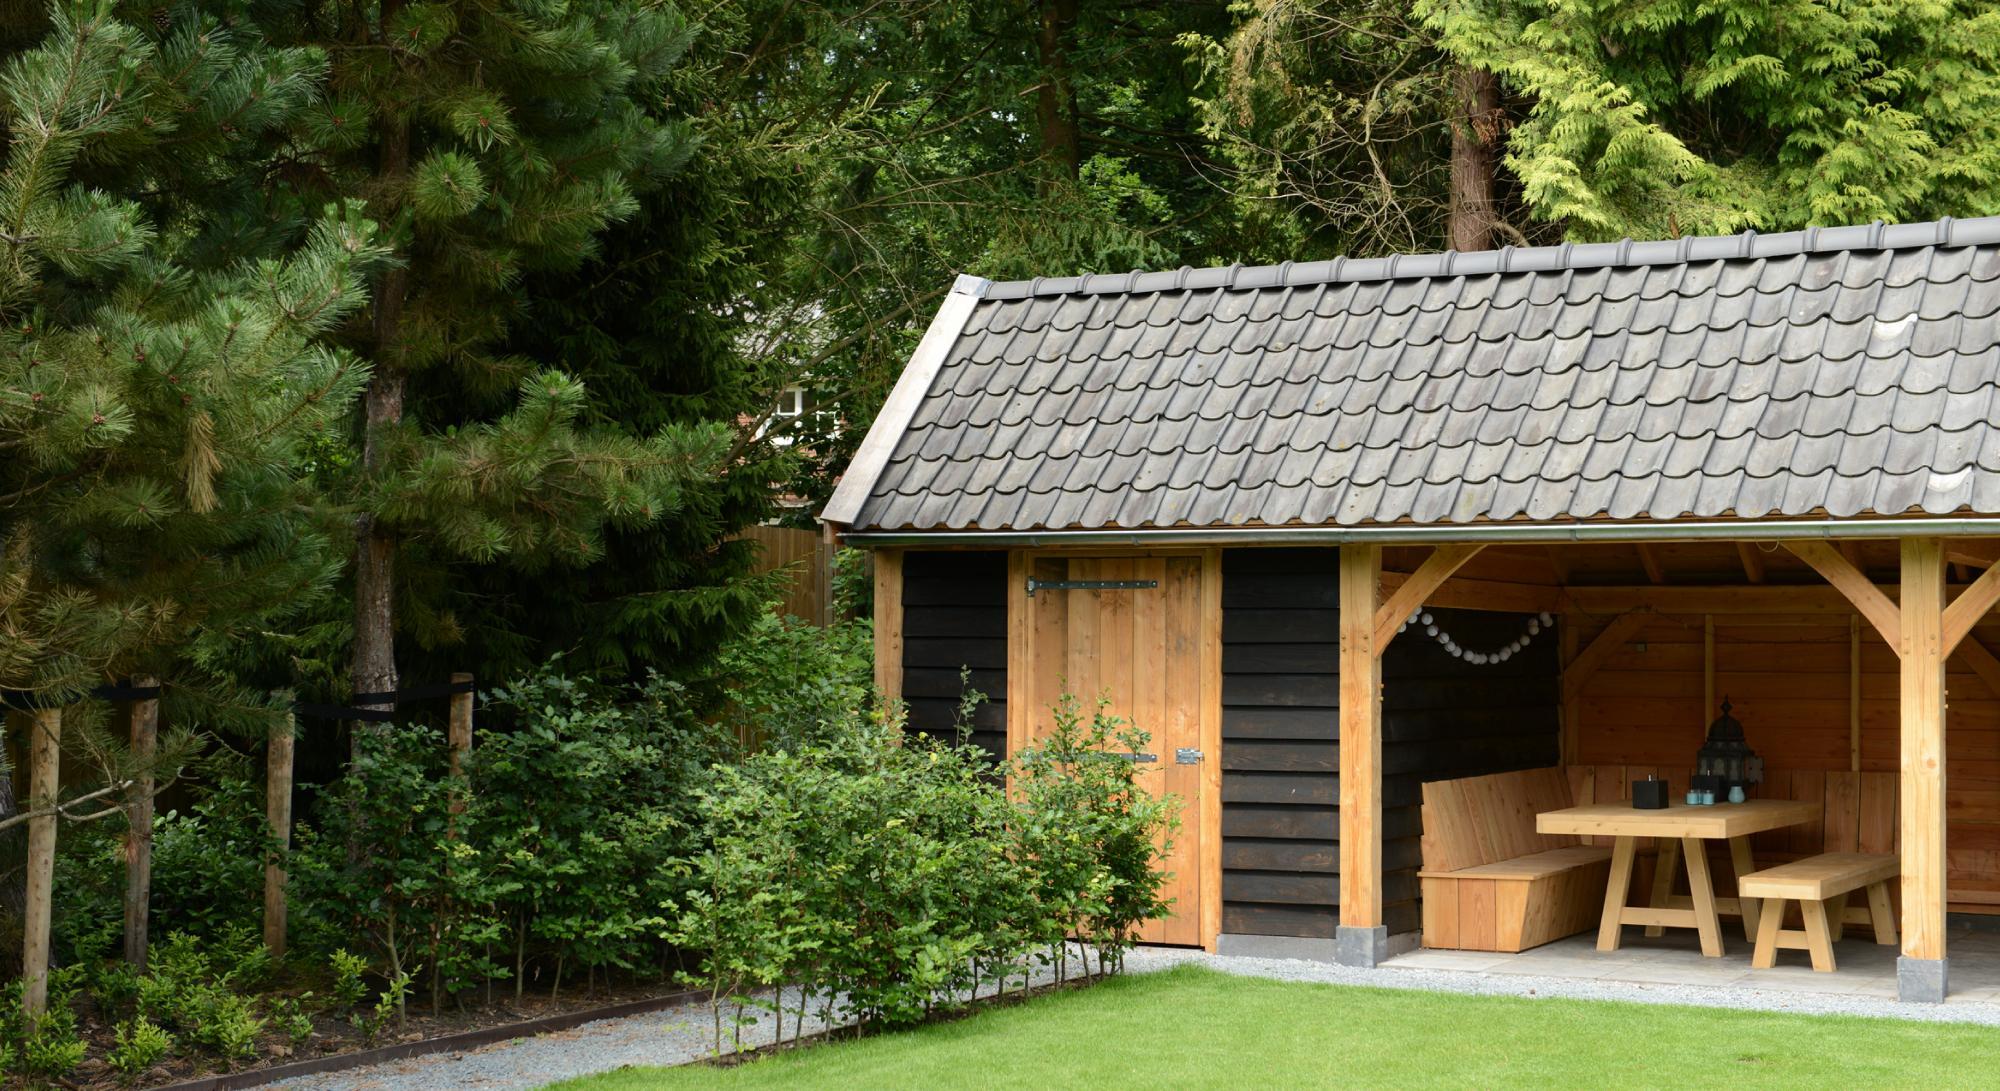 Villatuin met eikenhouten kapschuur  - Foto 7